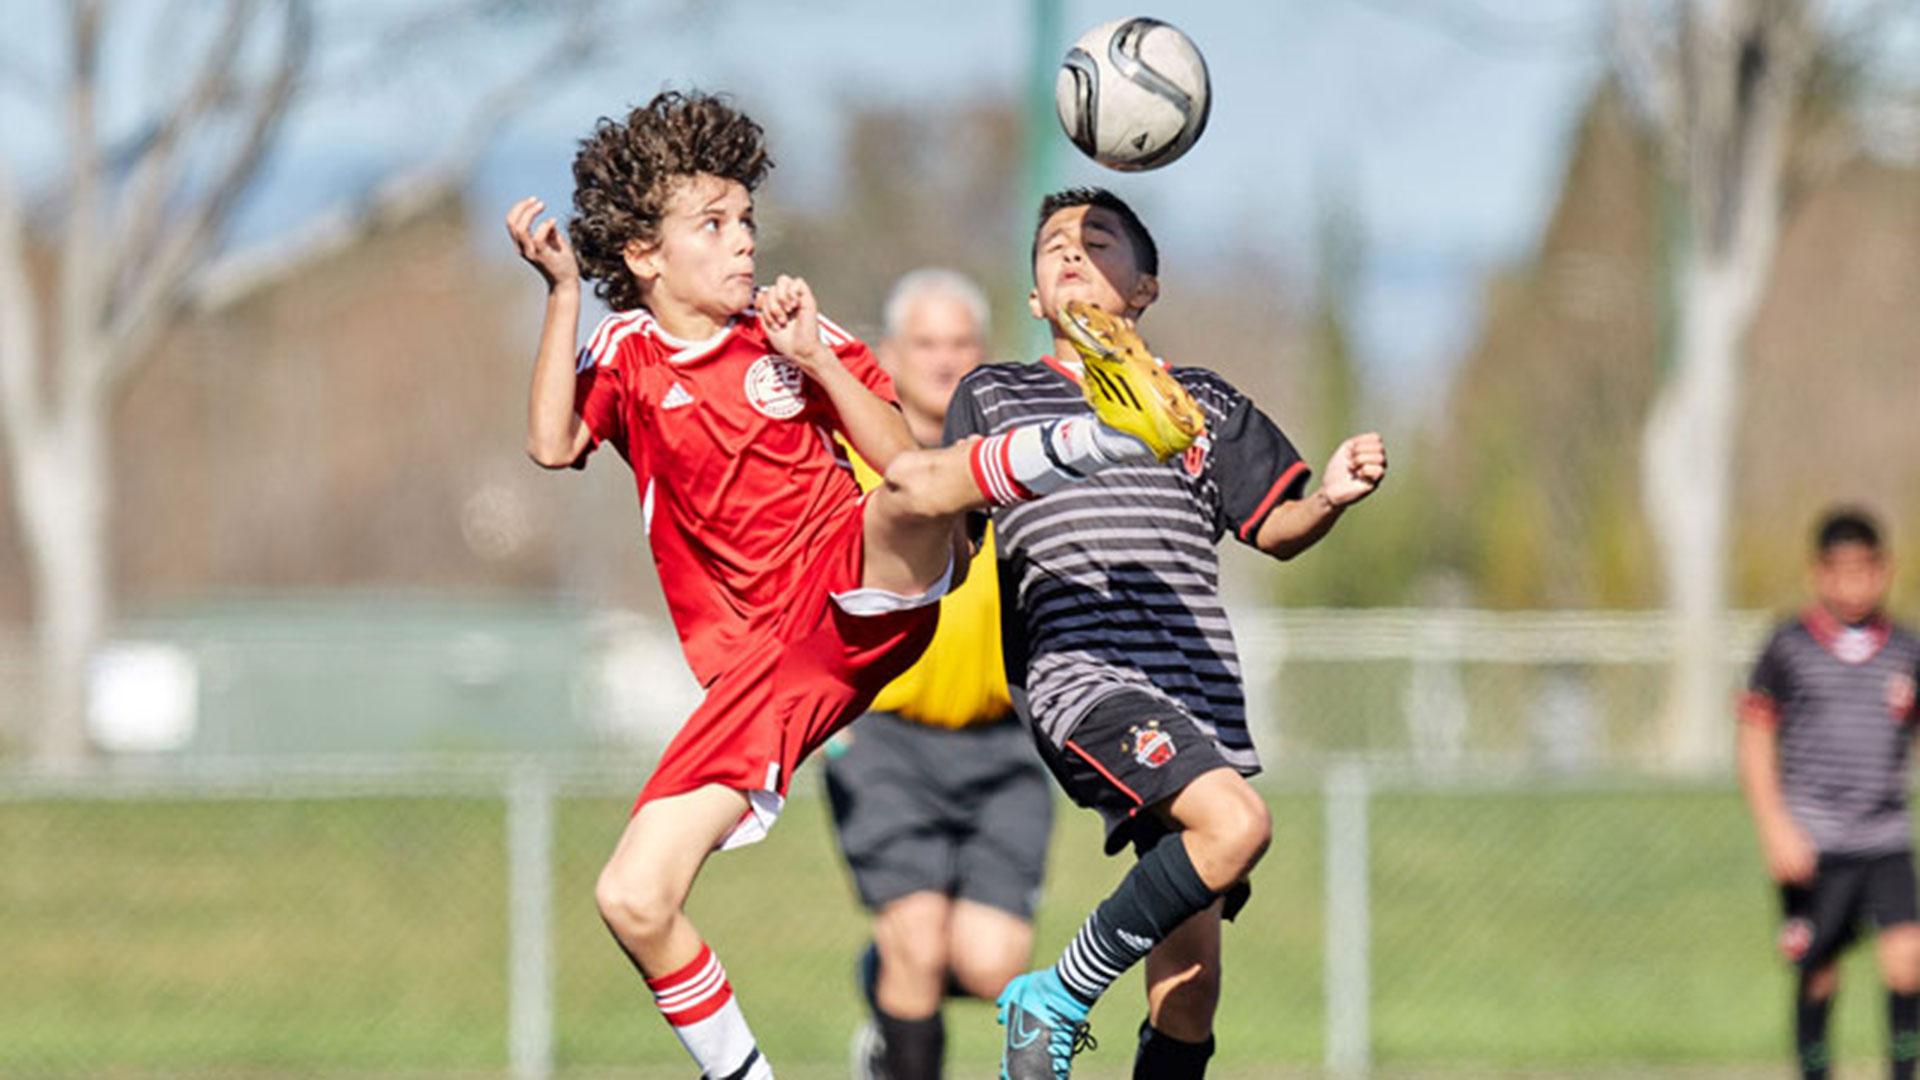 """El fútbol, conocido allí como """"soccer"""", ha empezado a atraer a los más jóvenes"""